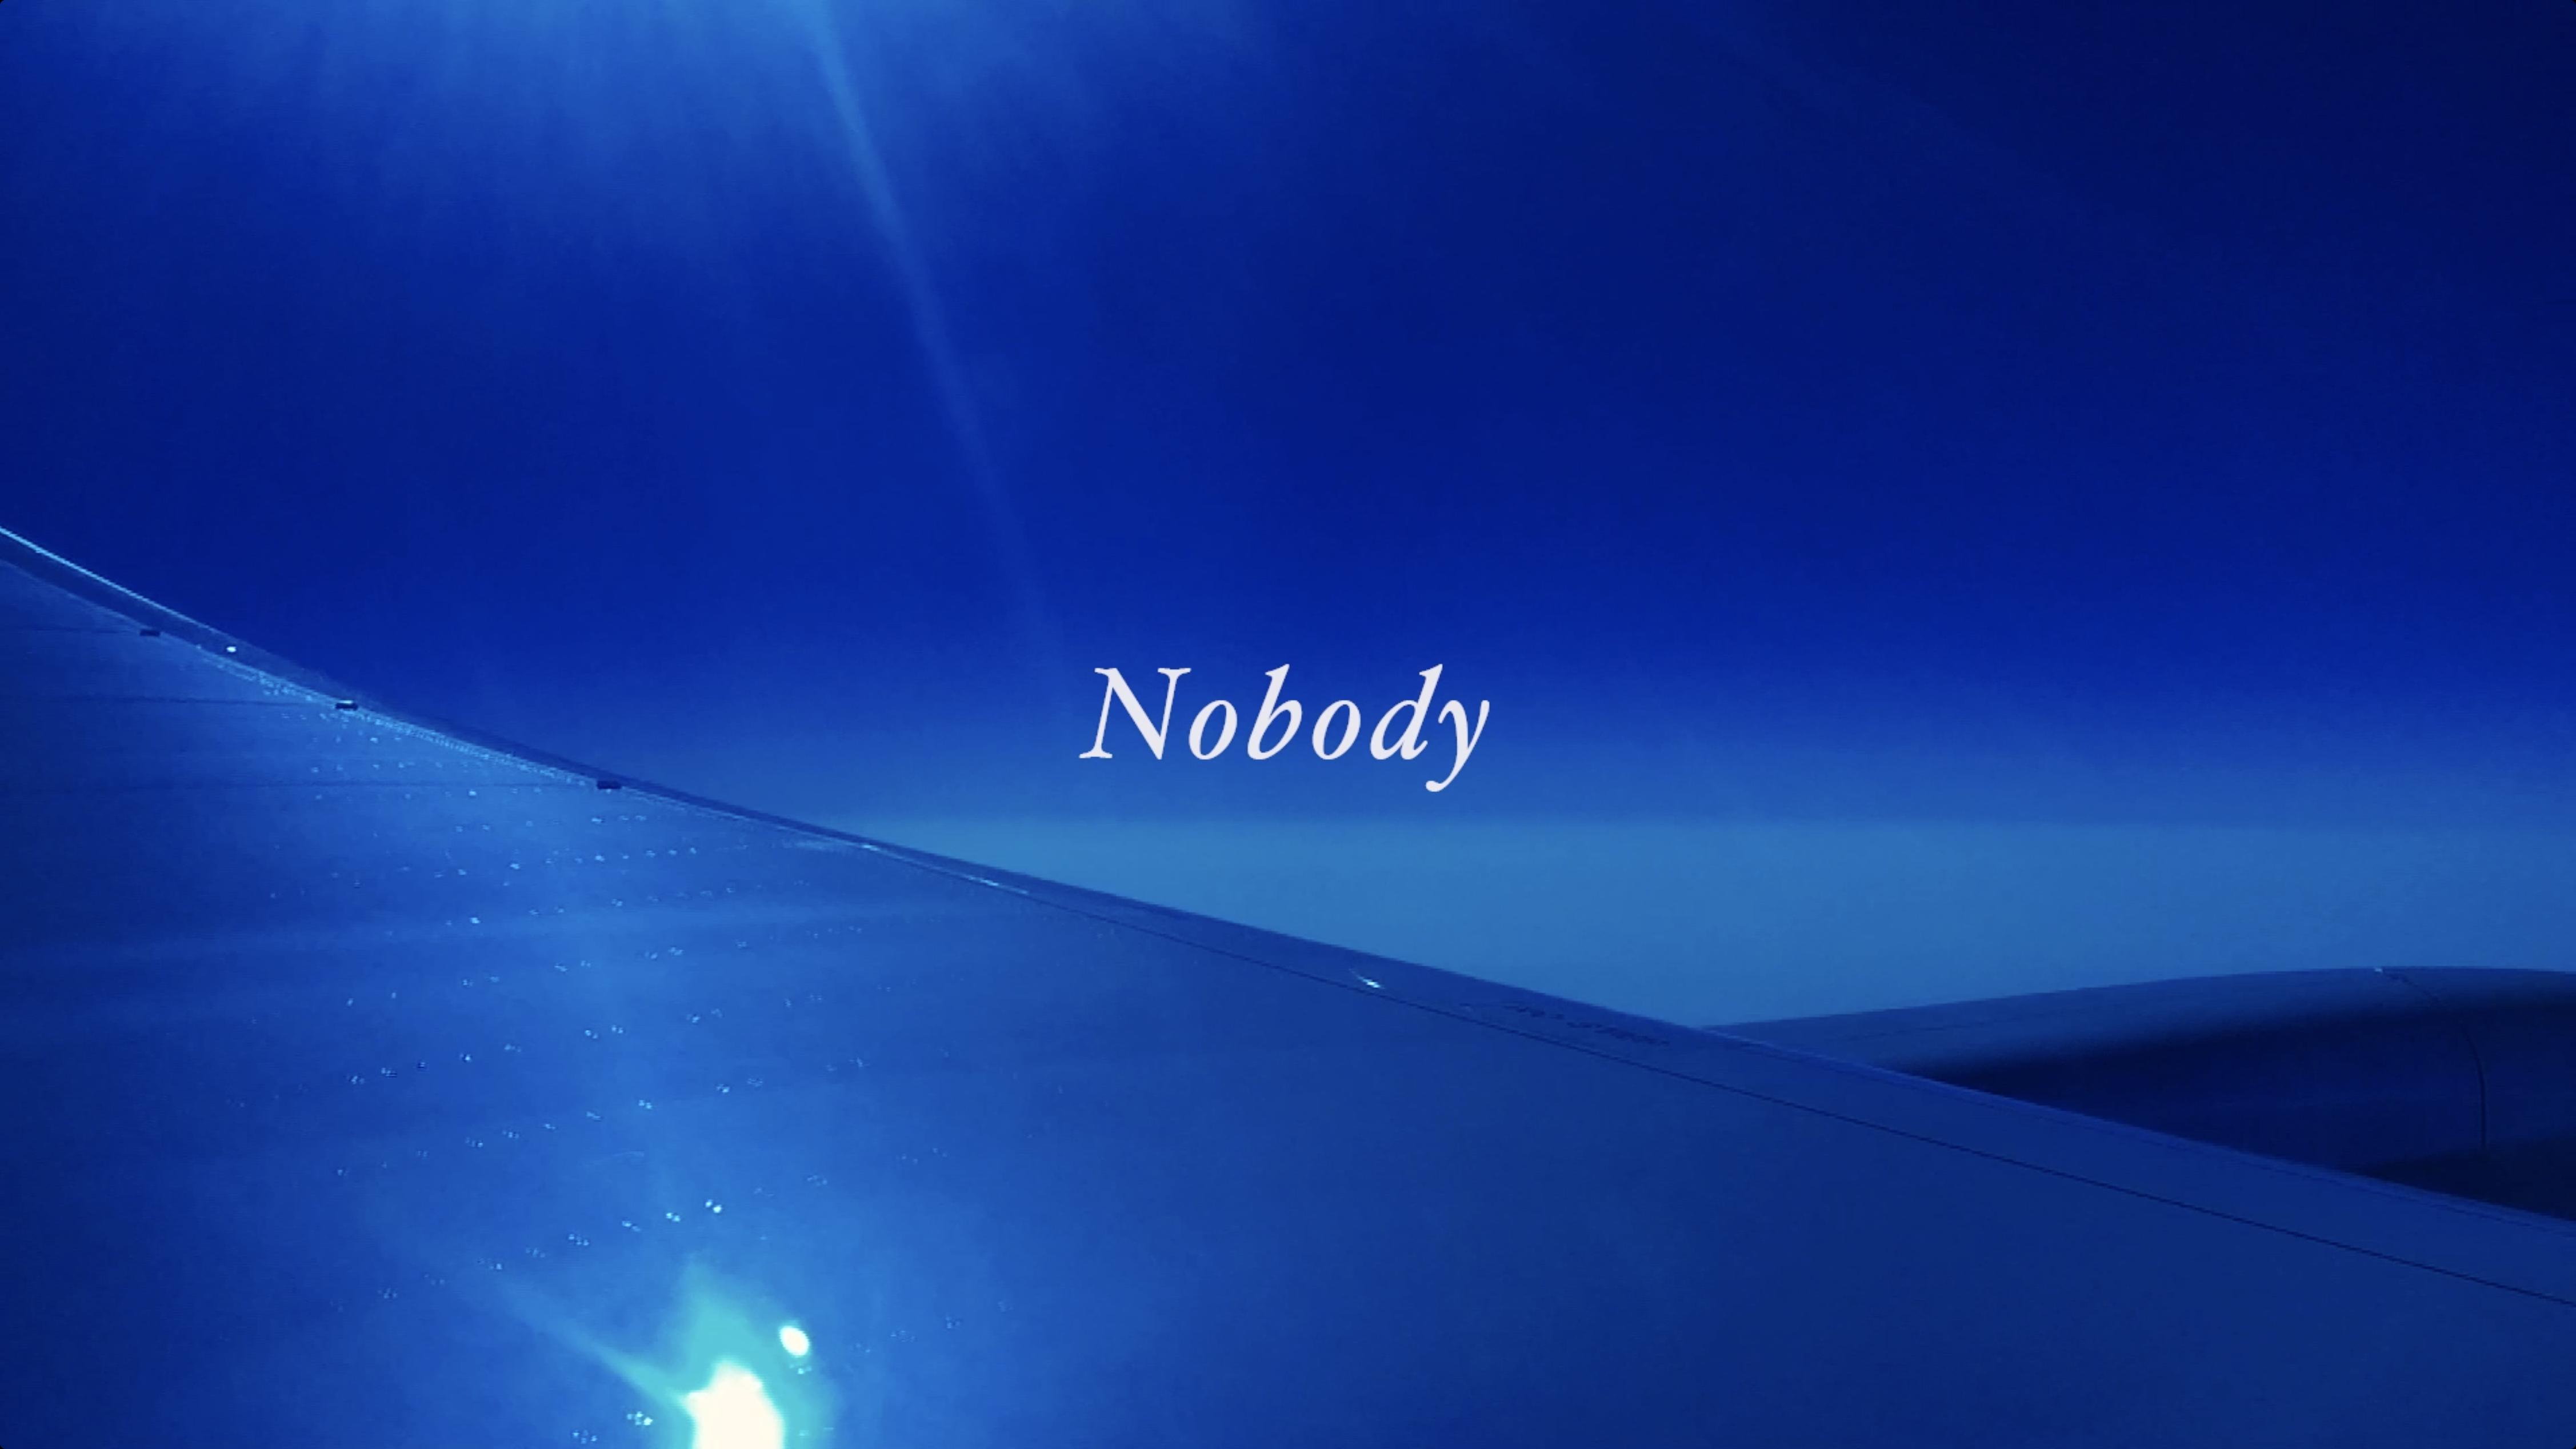 nobody-11分40秒-1080p-2017